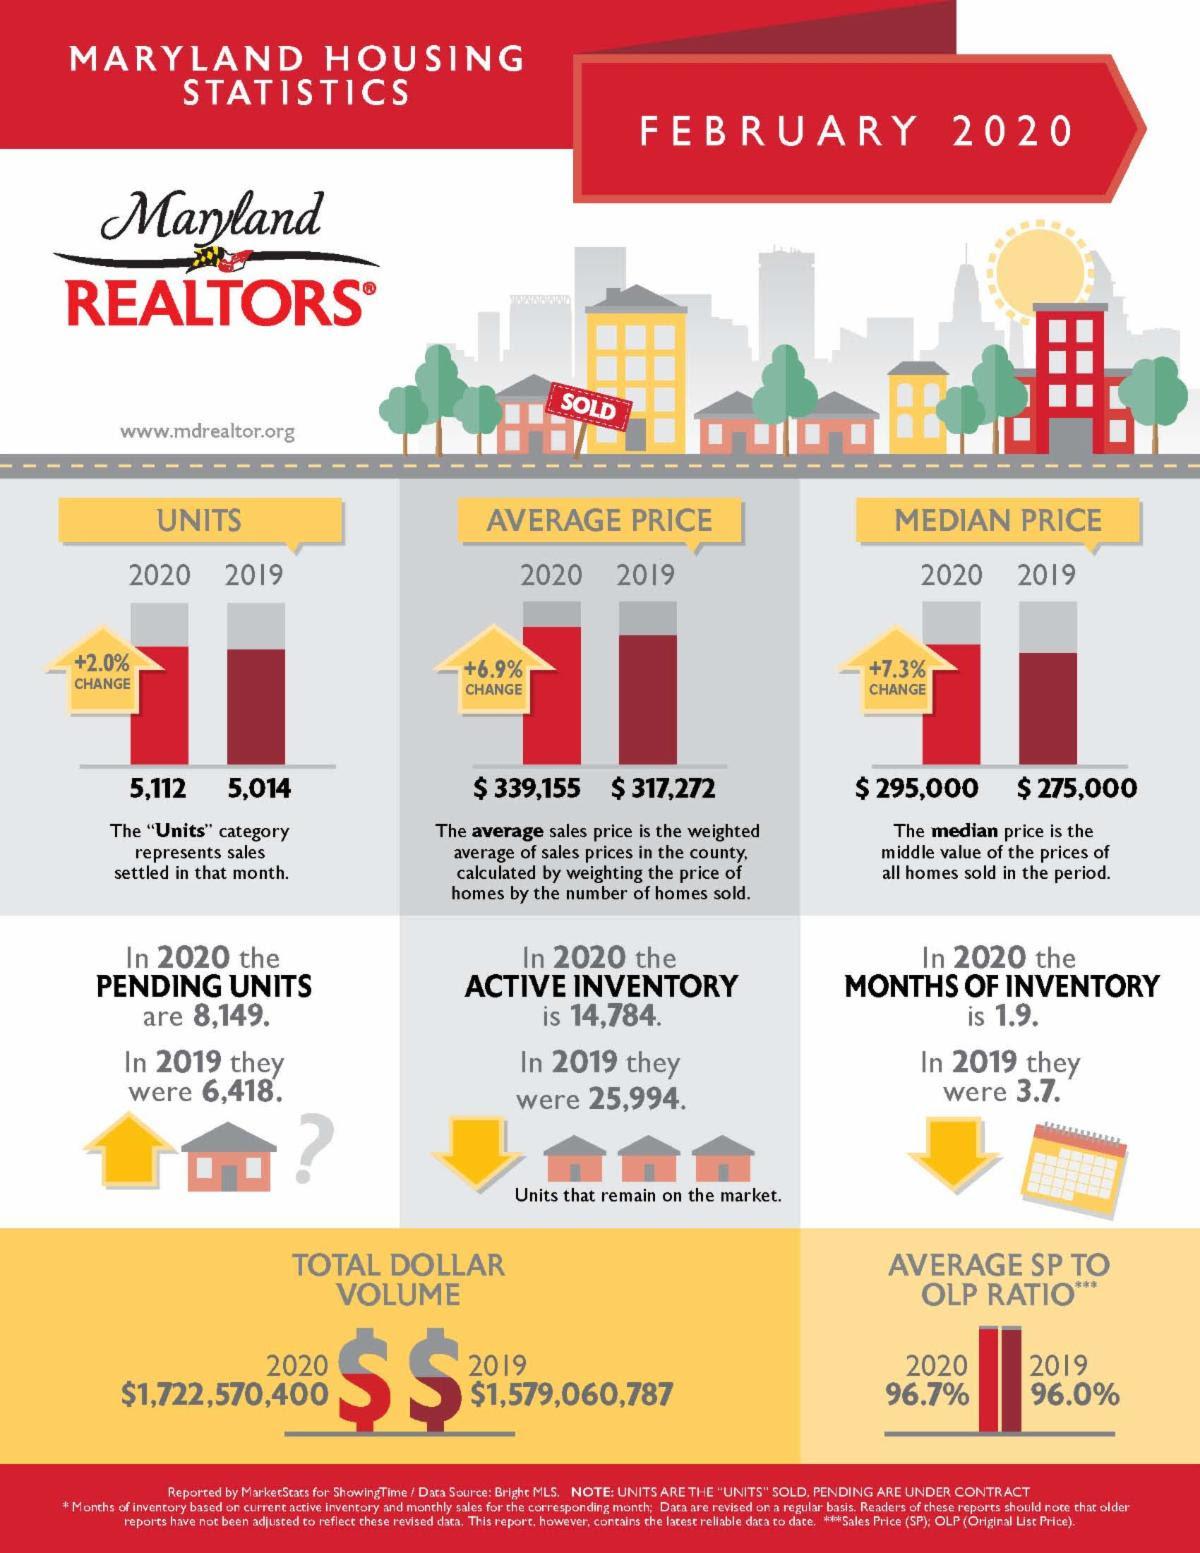 Maryland real estate market trends